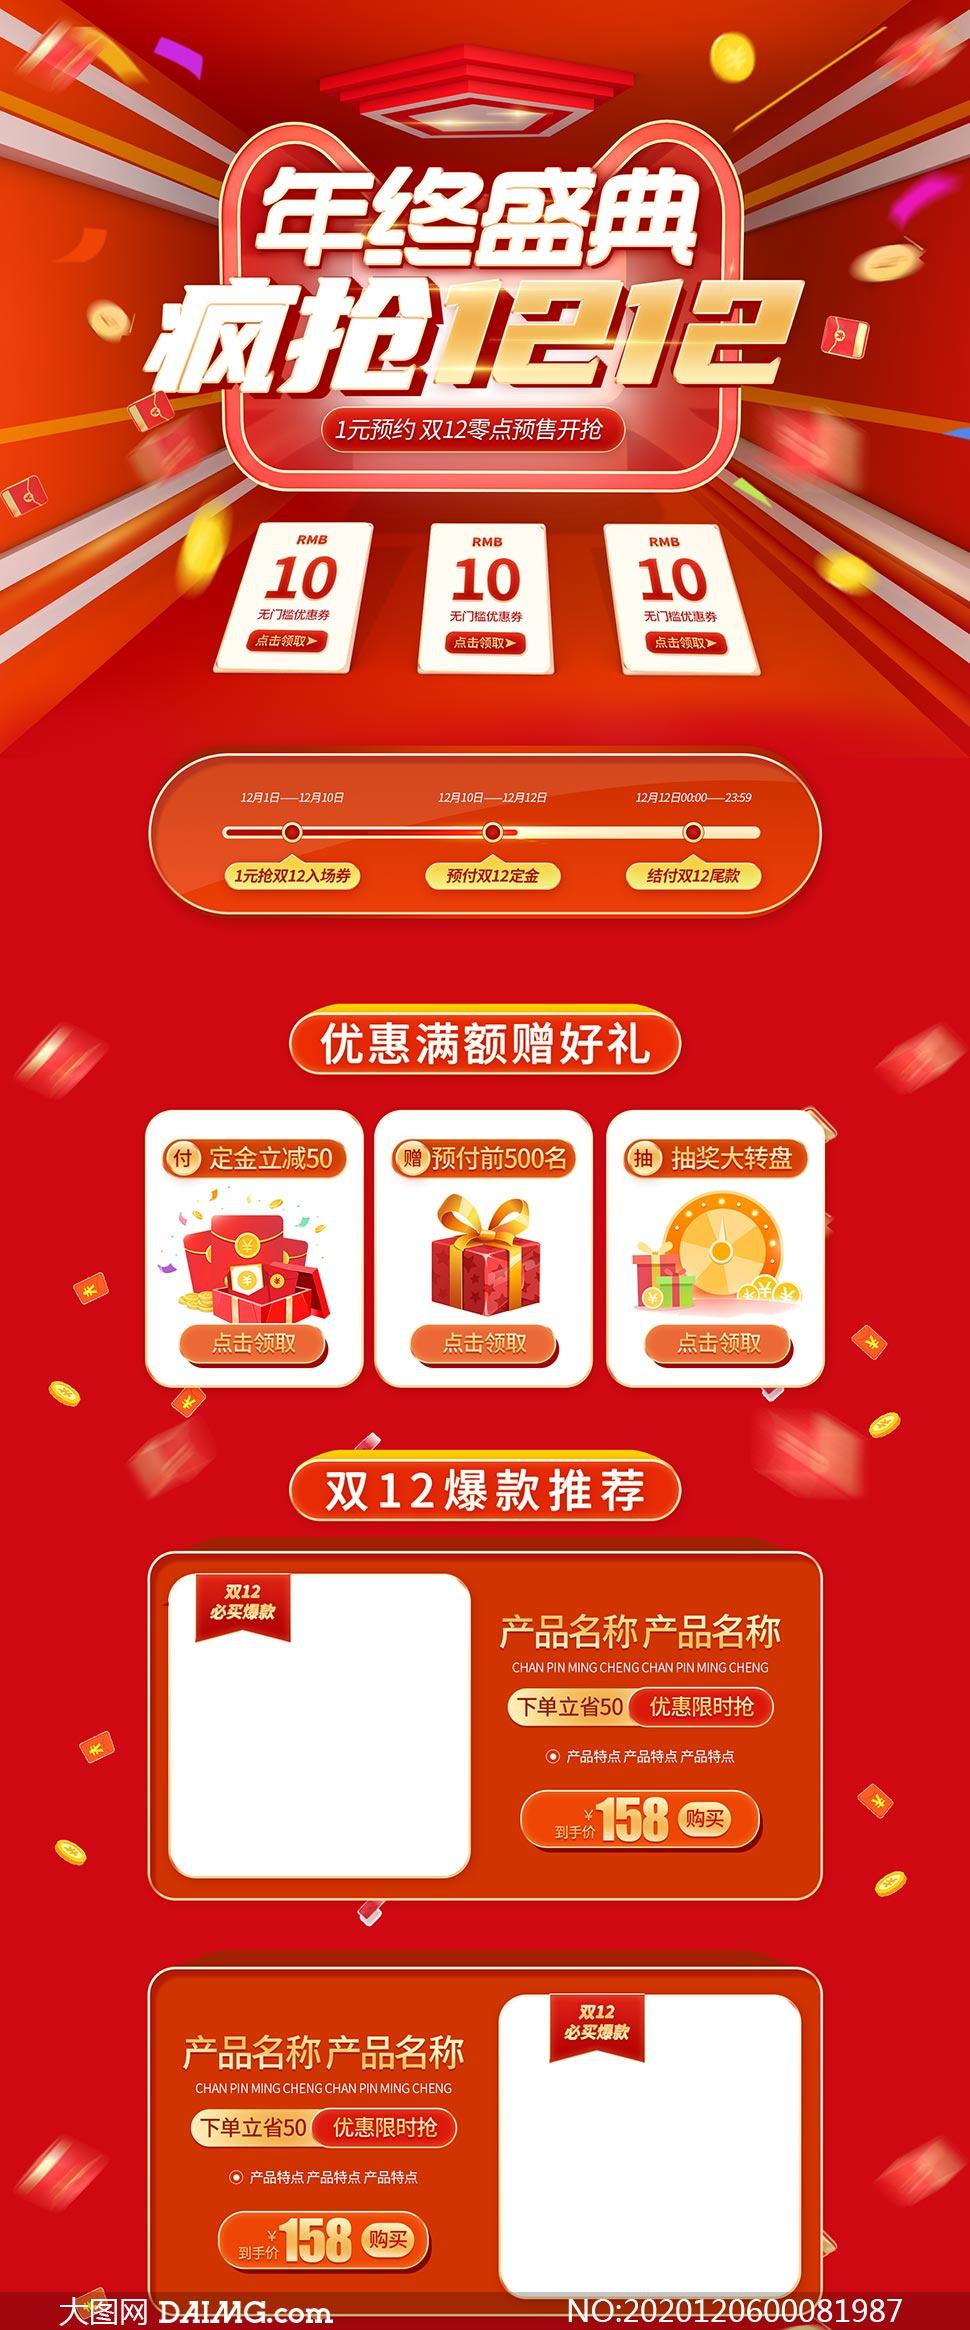 天貓雙12紅色首頁設計模板PSD素材